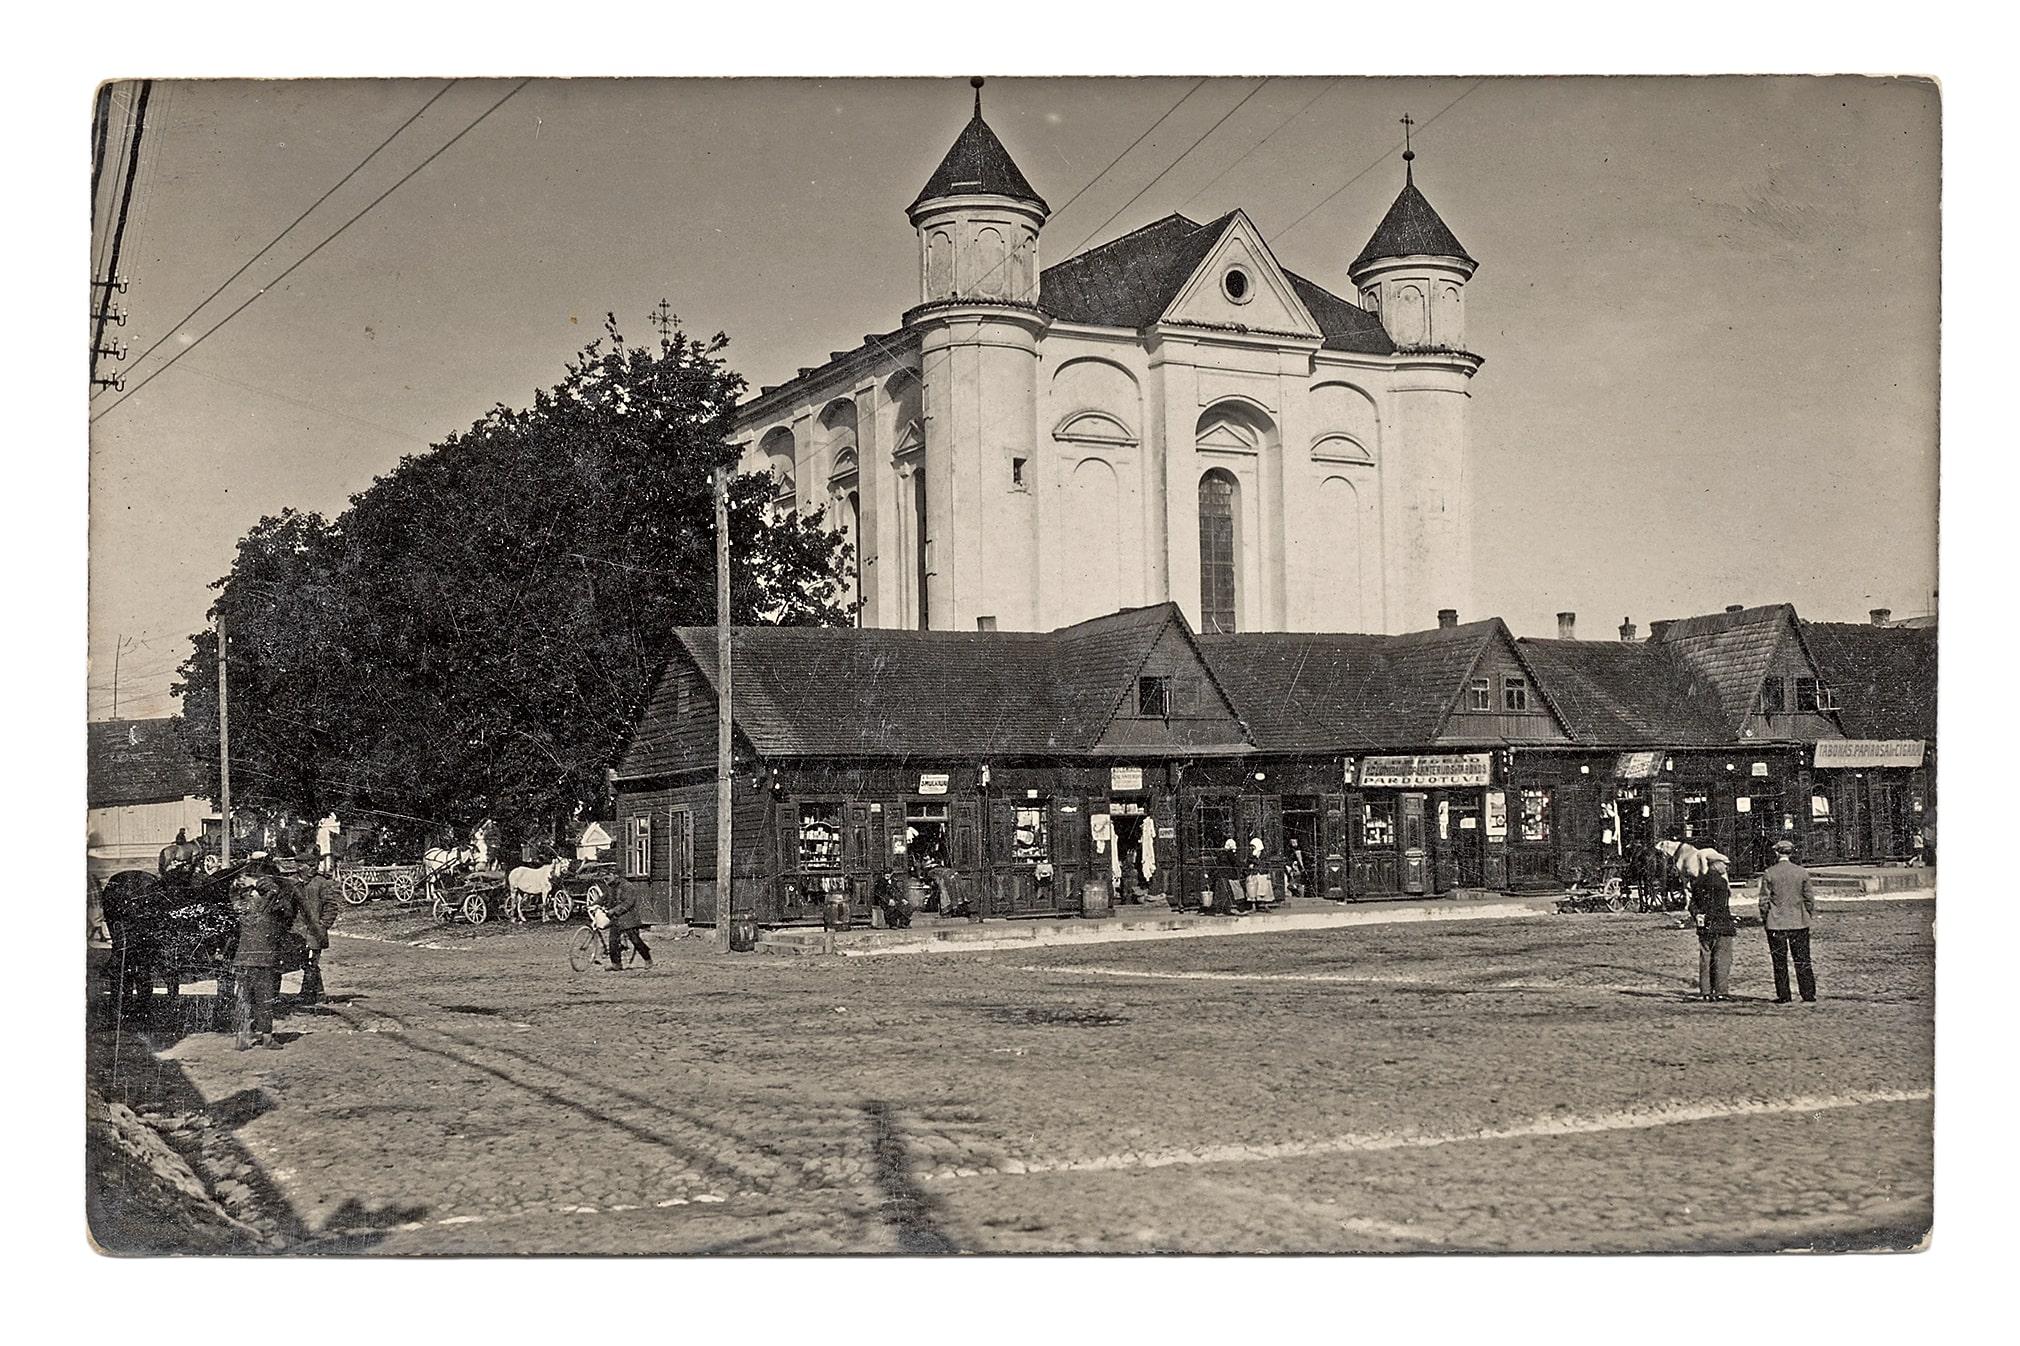 Kėdainių evangelikų reformatų bažnyčia Vilniaus (dabar Didžiosios Rinkos) aikštėje, 1933 m.